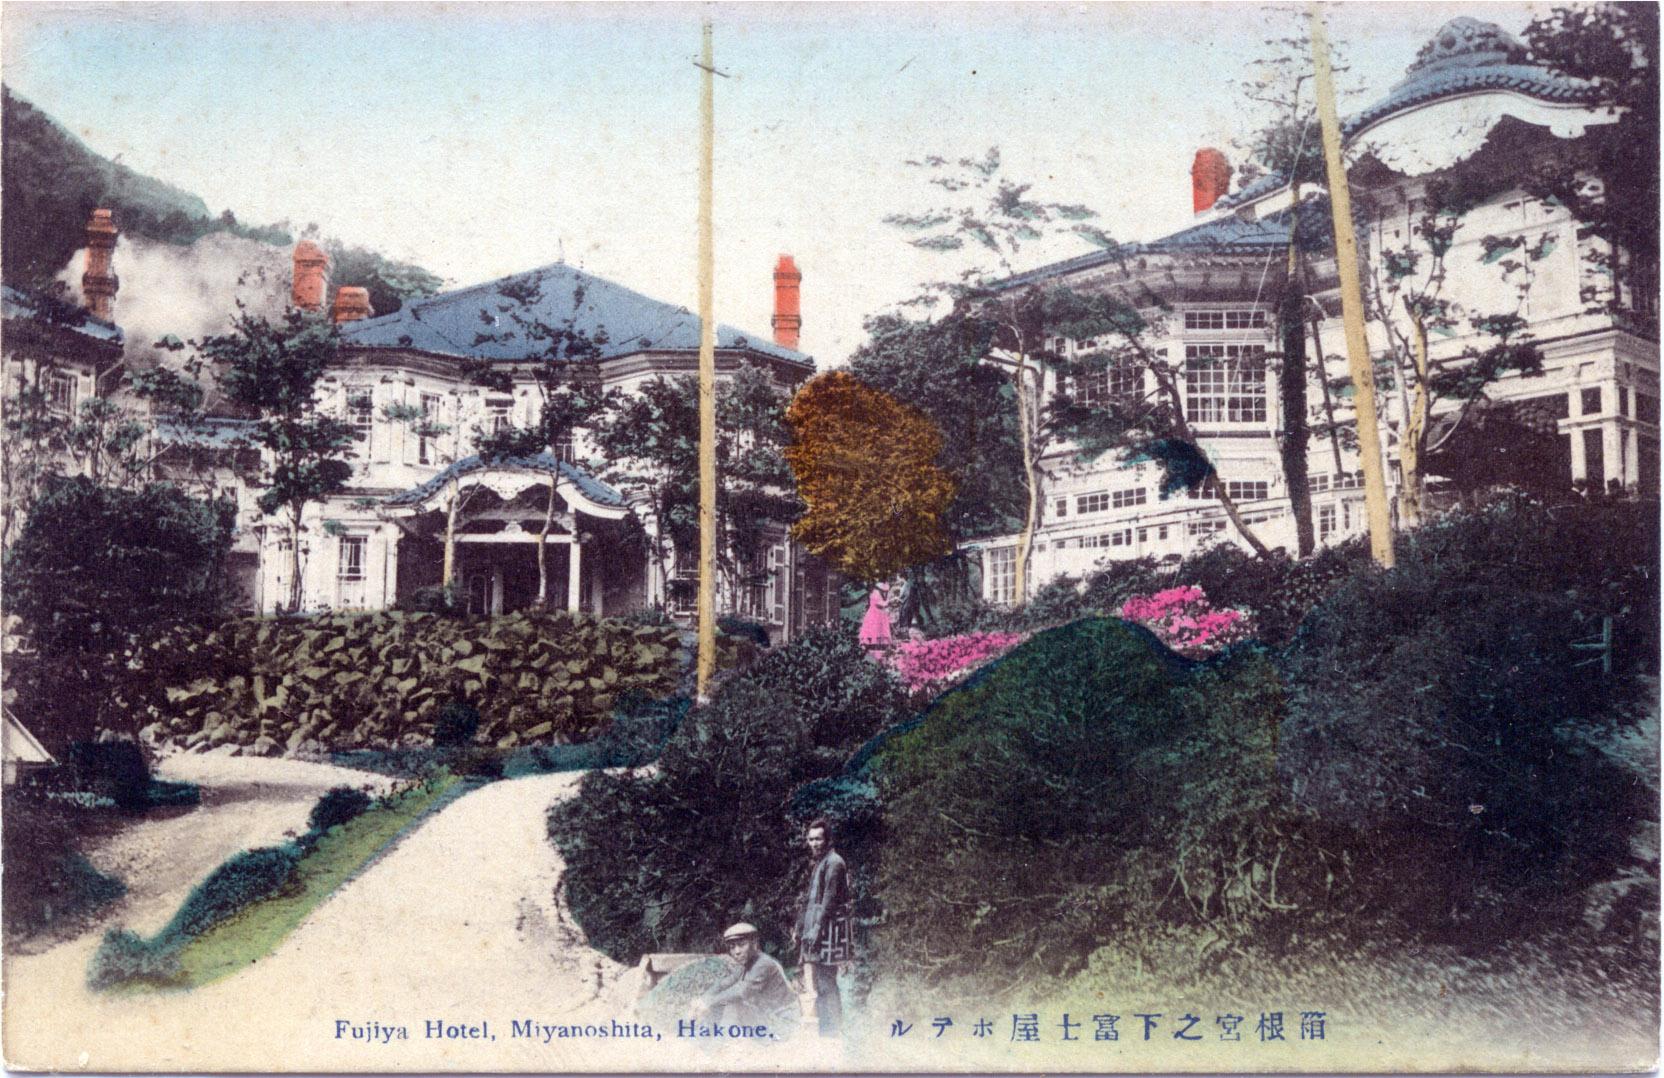 Fujiya Miyanoshita Hotel.